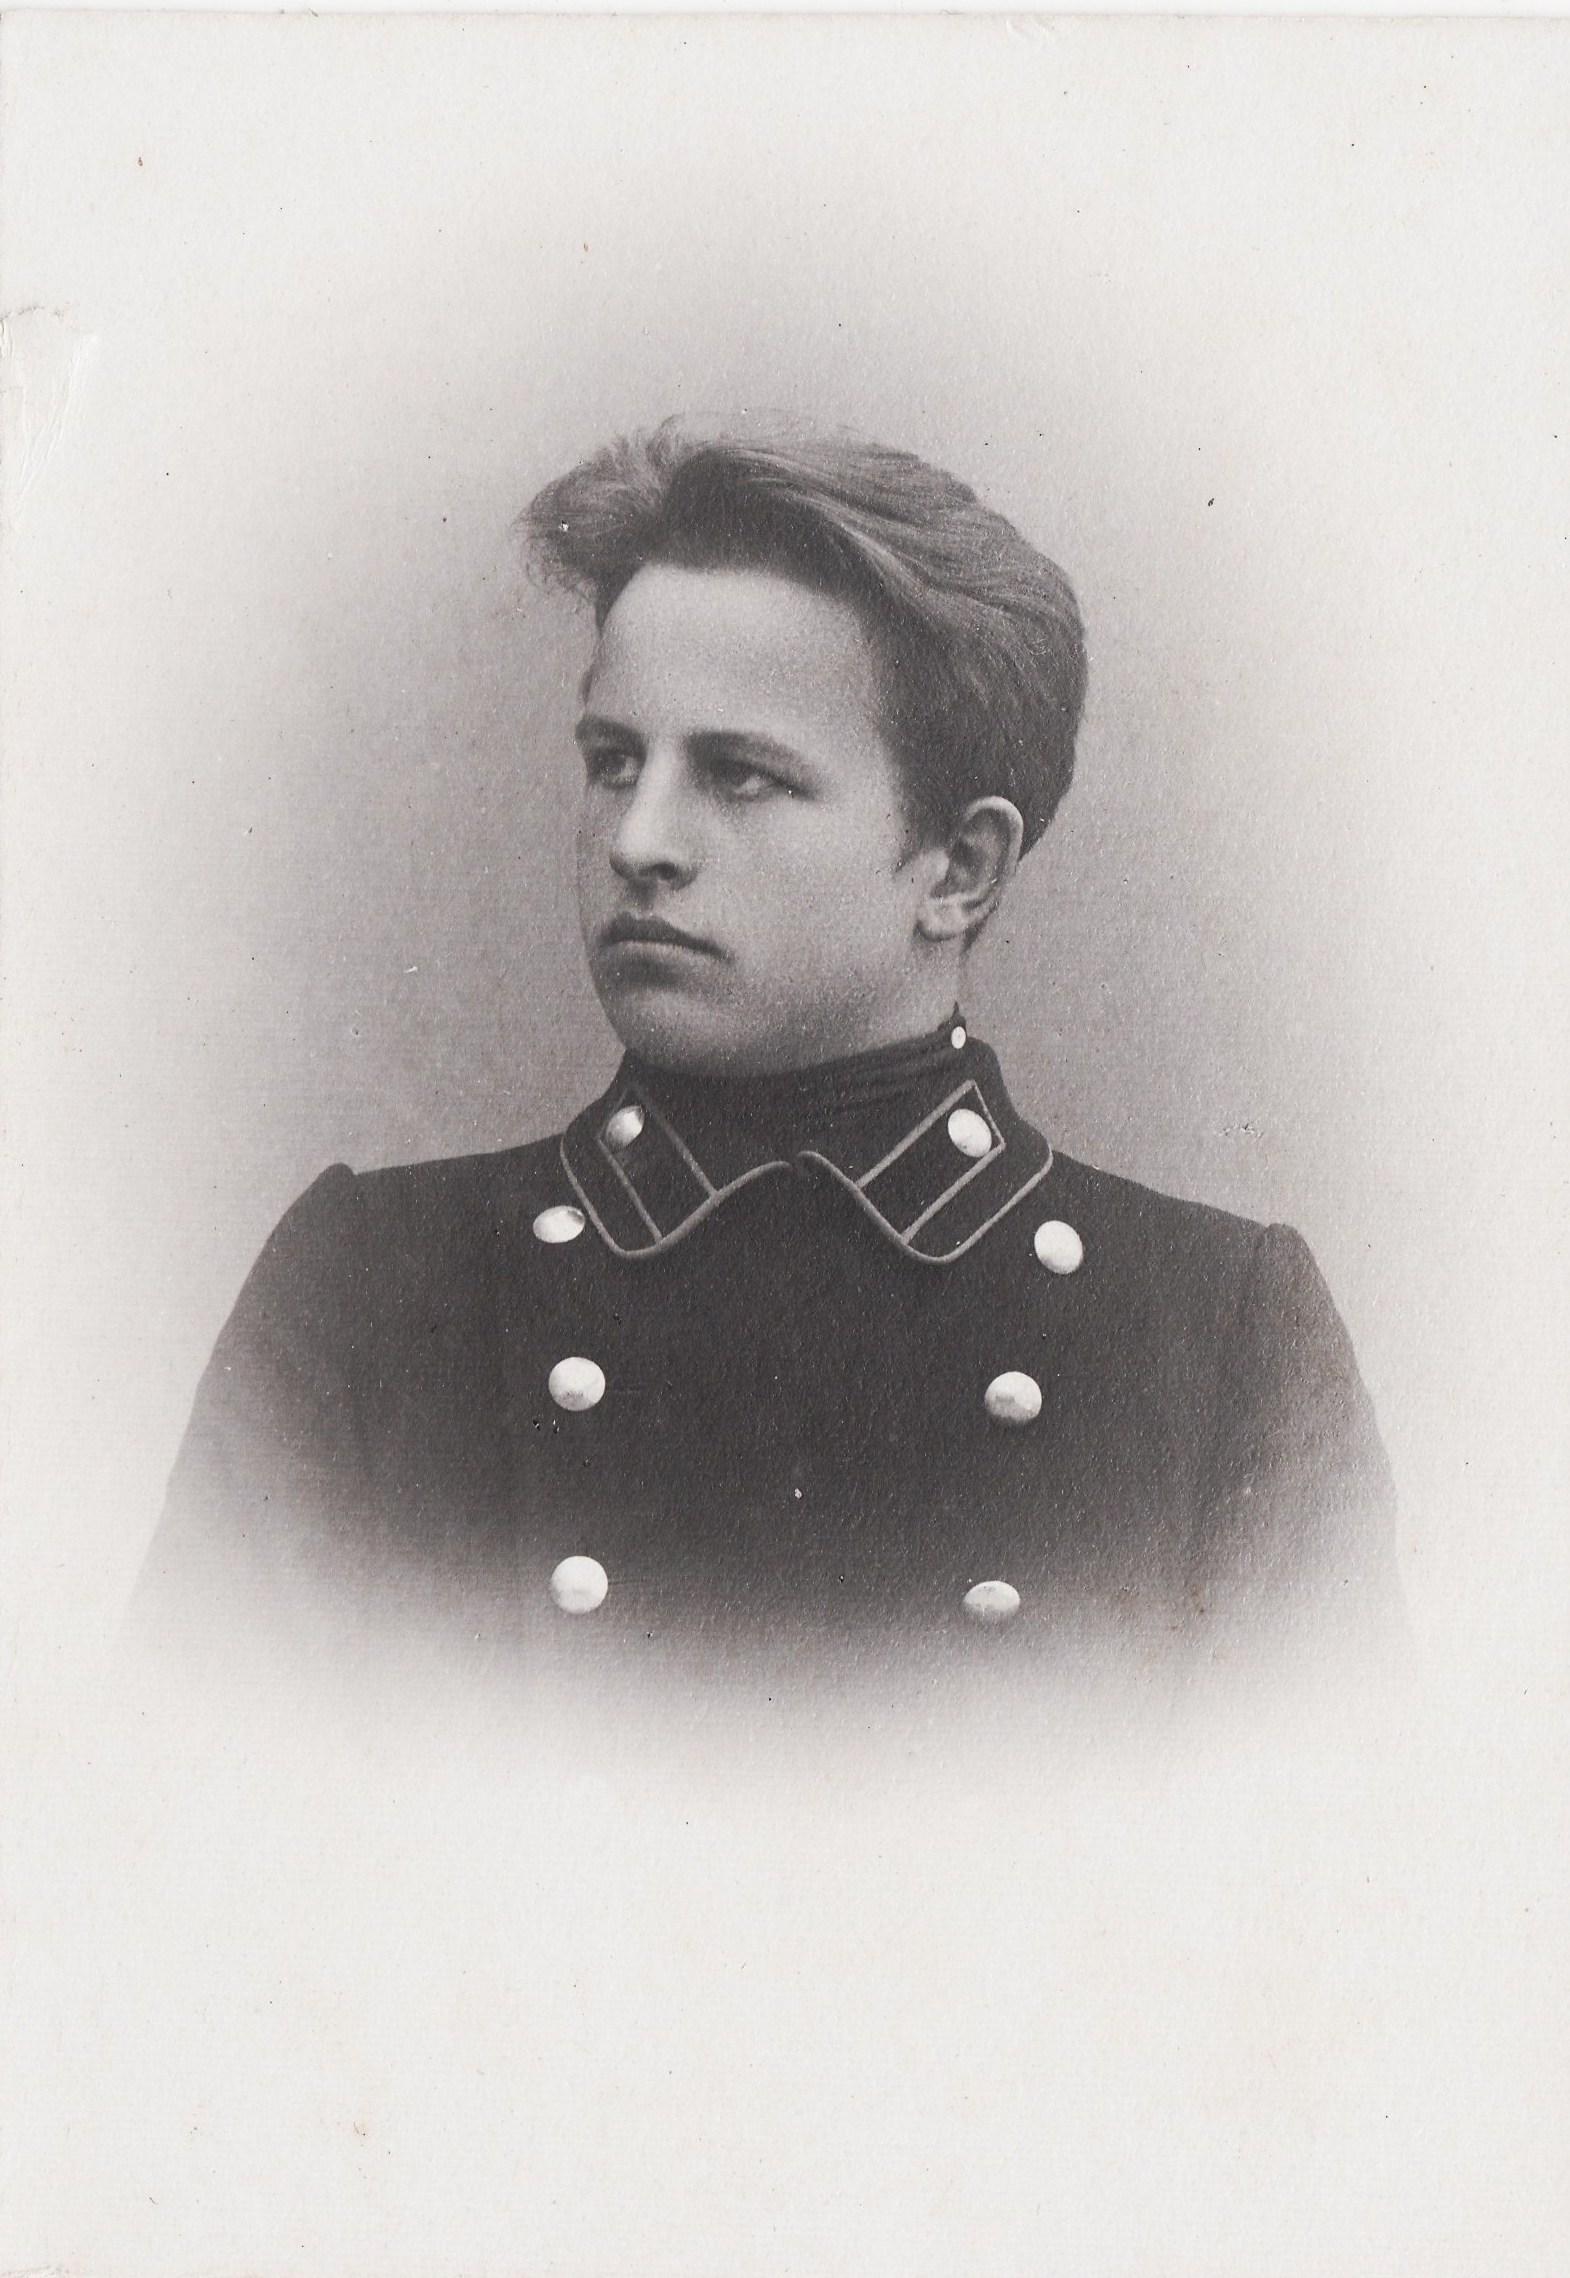 Студент Стрелов Фёдор. I отделение разряд 1.